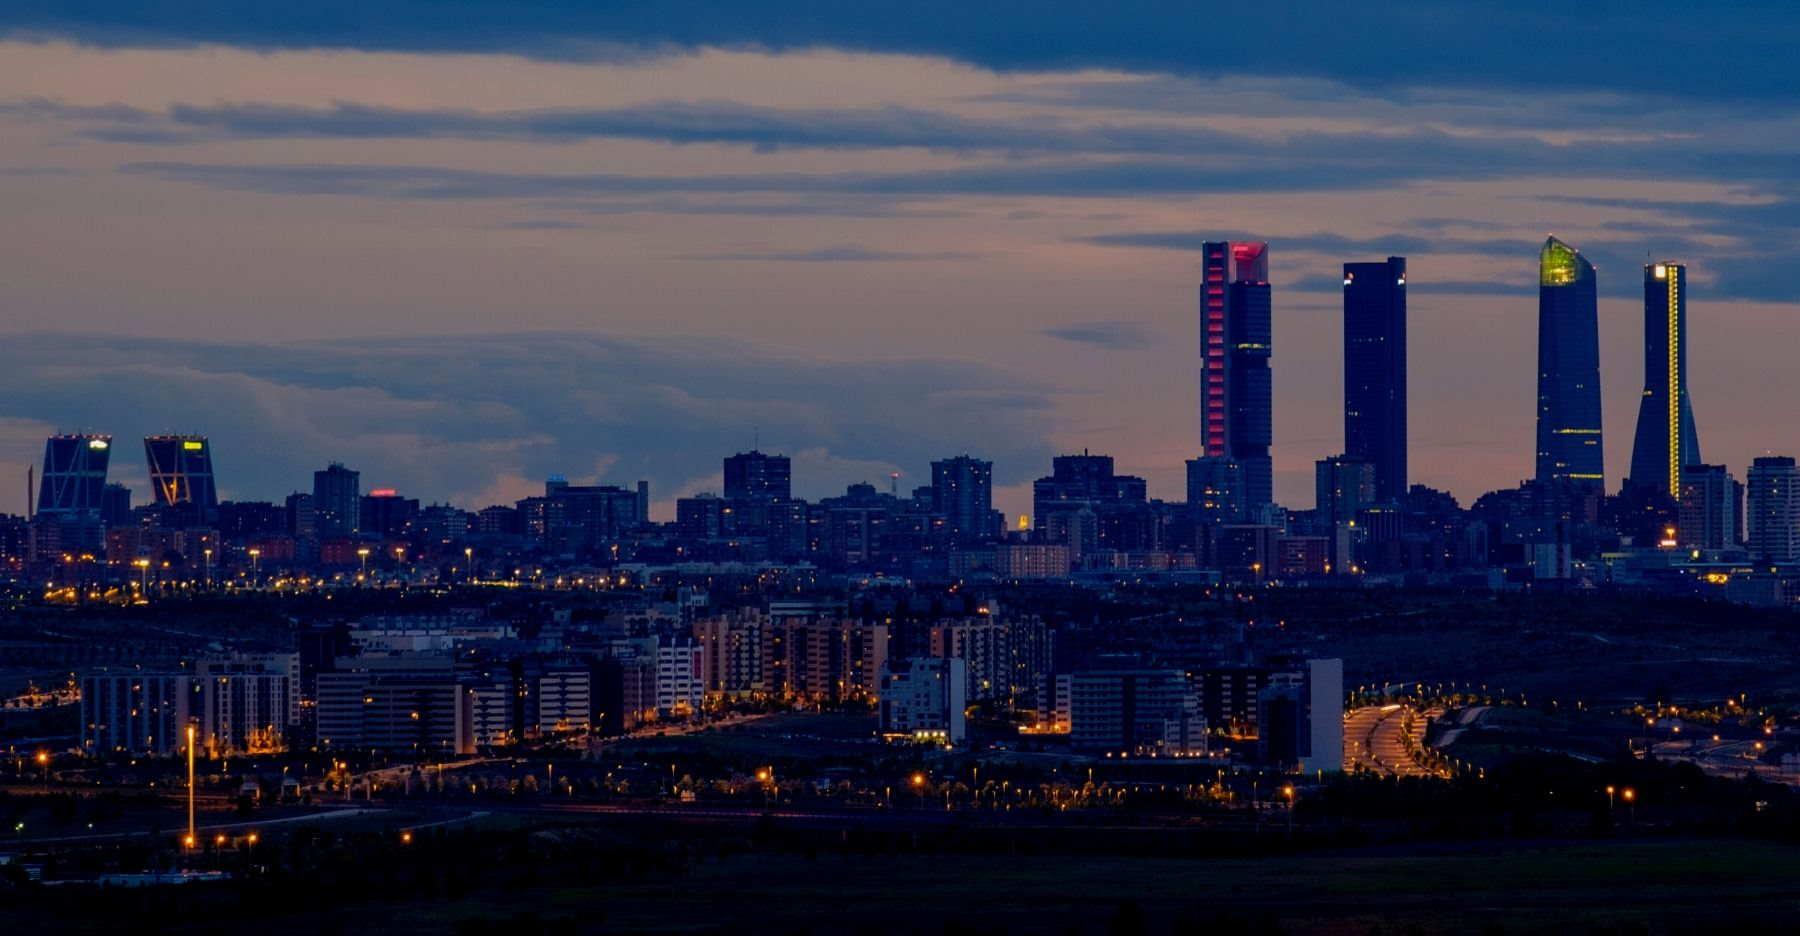 Los hoteleros madrileños advertimos a las administraciones que las medidas adoptadas para mitigar los efectos de la crisis son insuficientes y el sector corre peligro